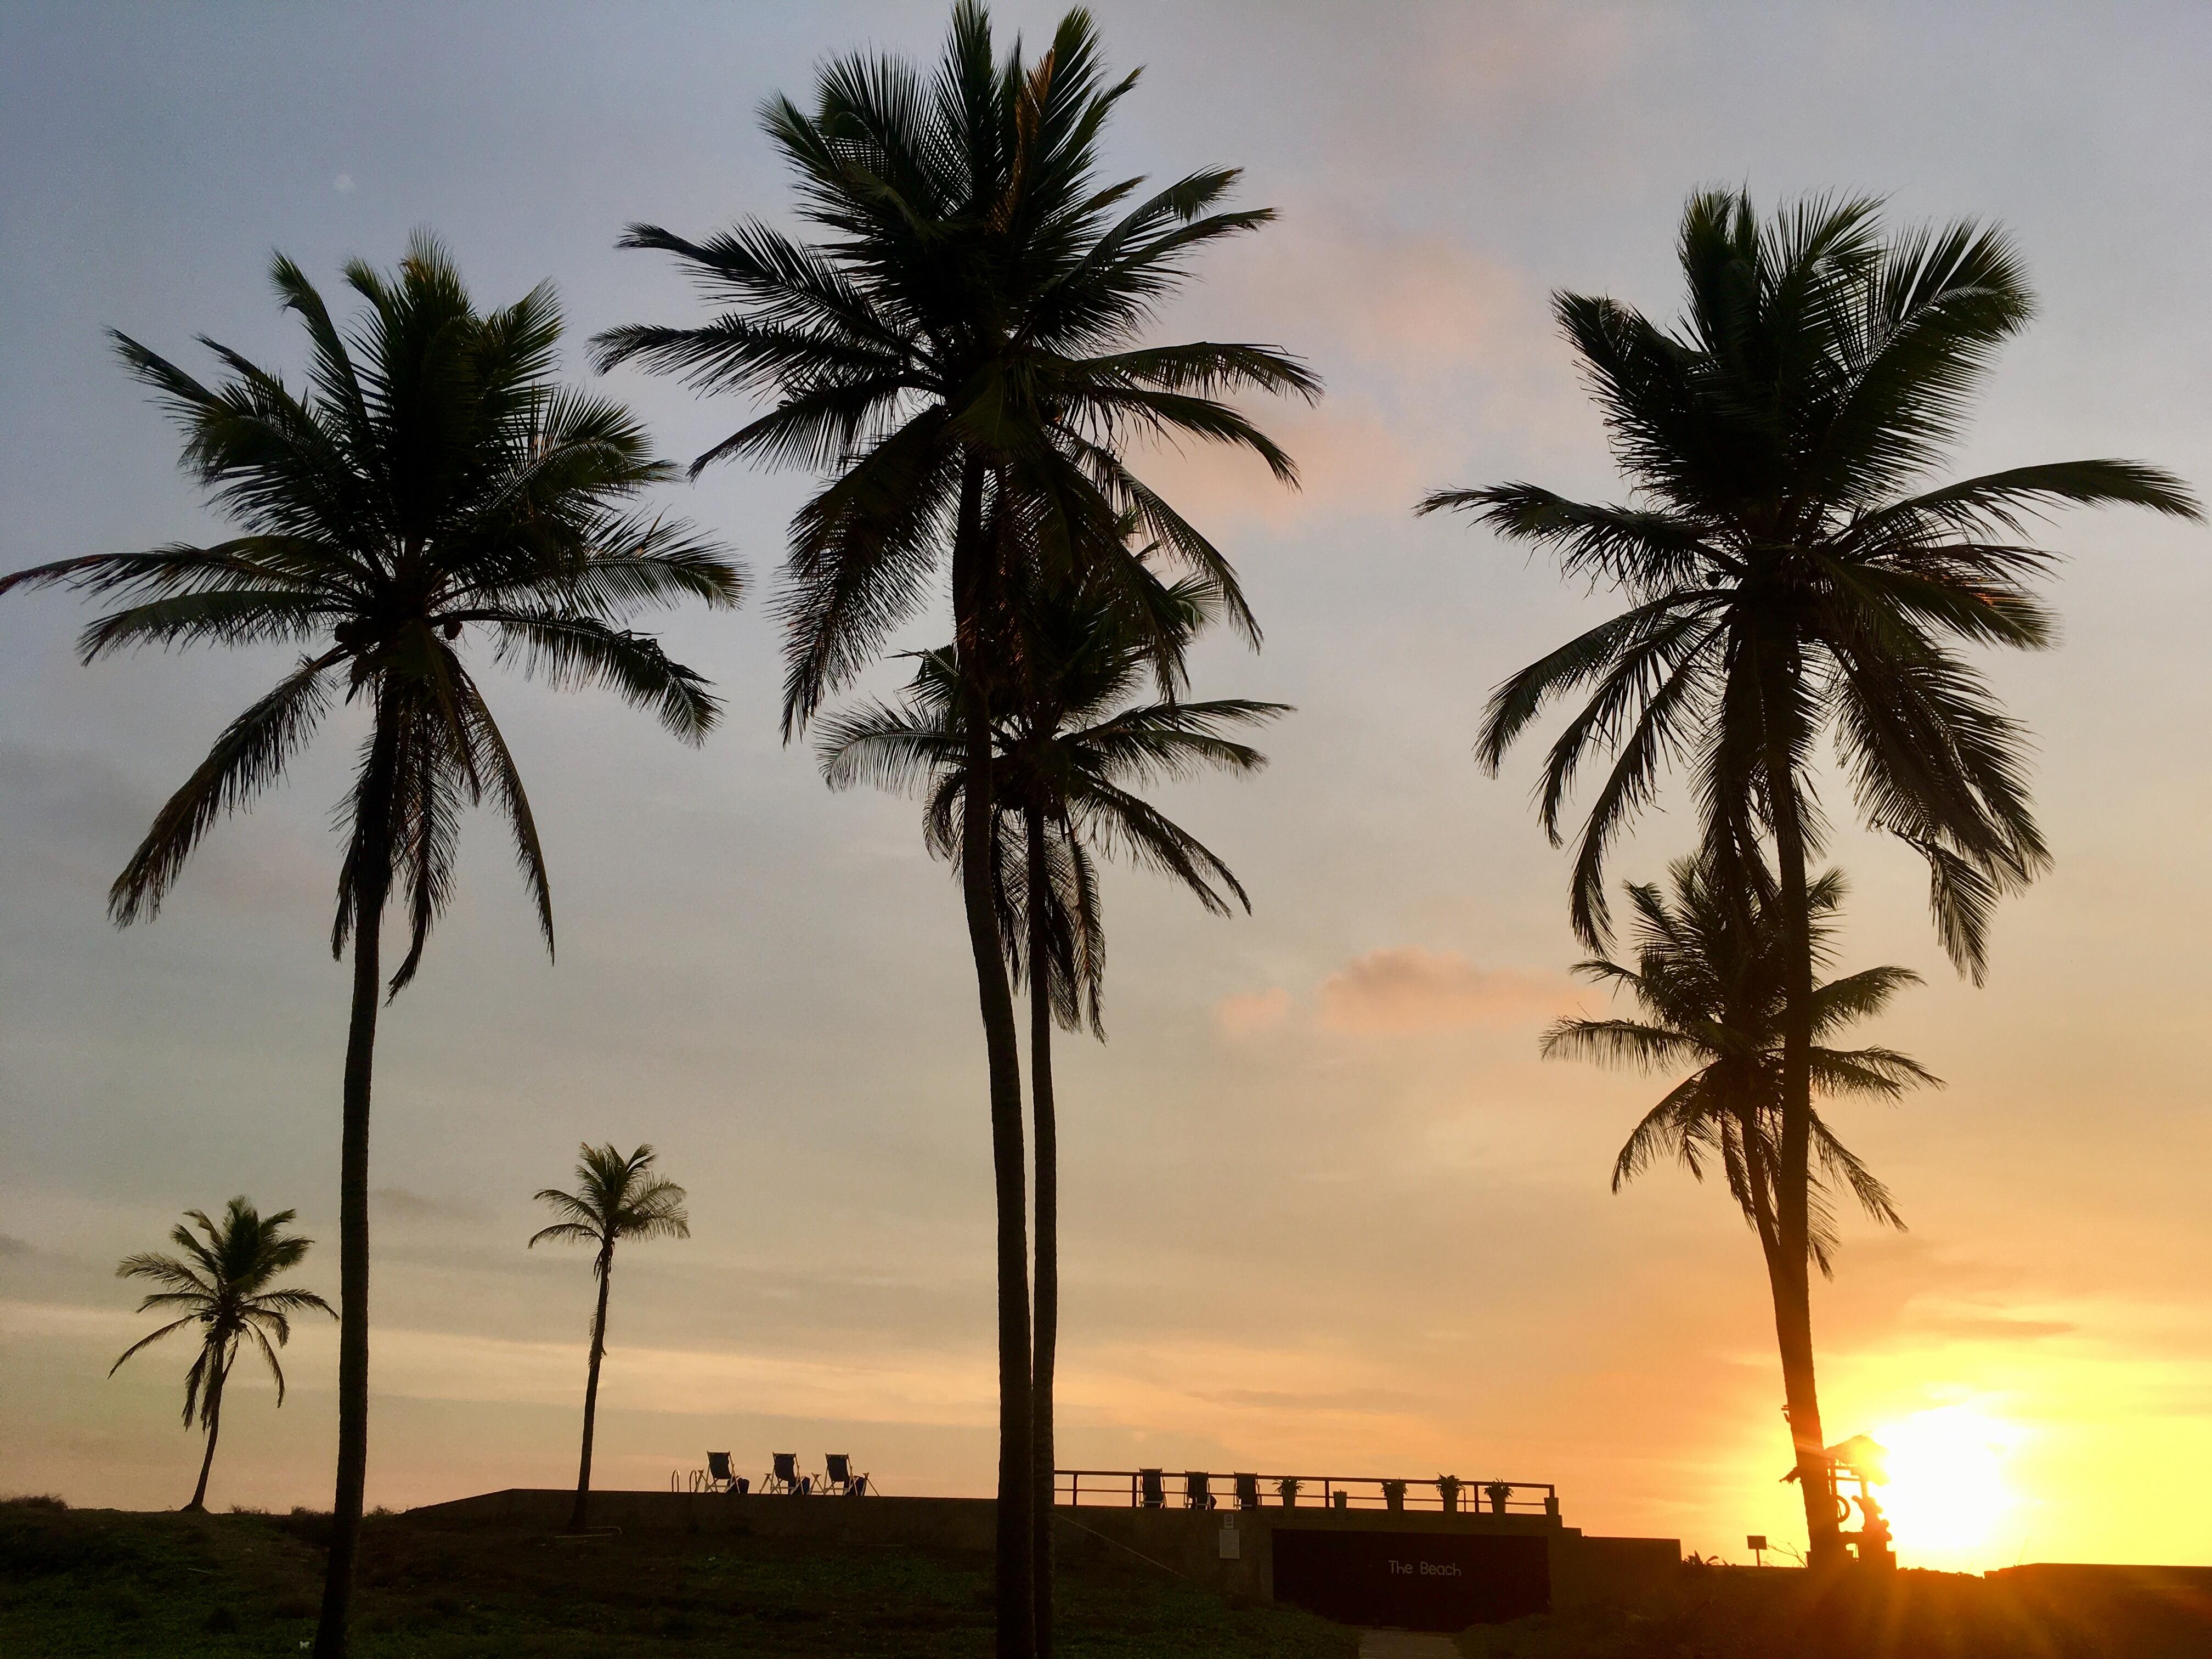 【スリランカ旅行②】ホテル篇~Jetwing Lagoon(ジェットウィングラグーン)